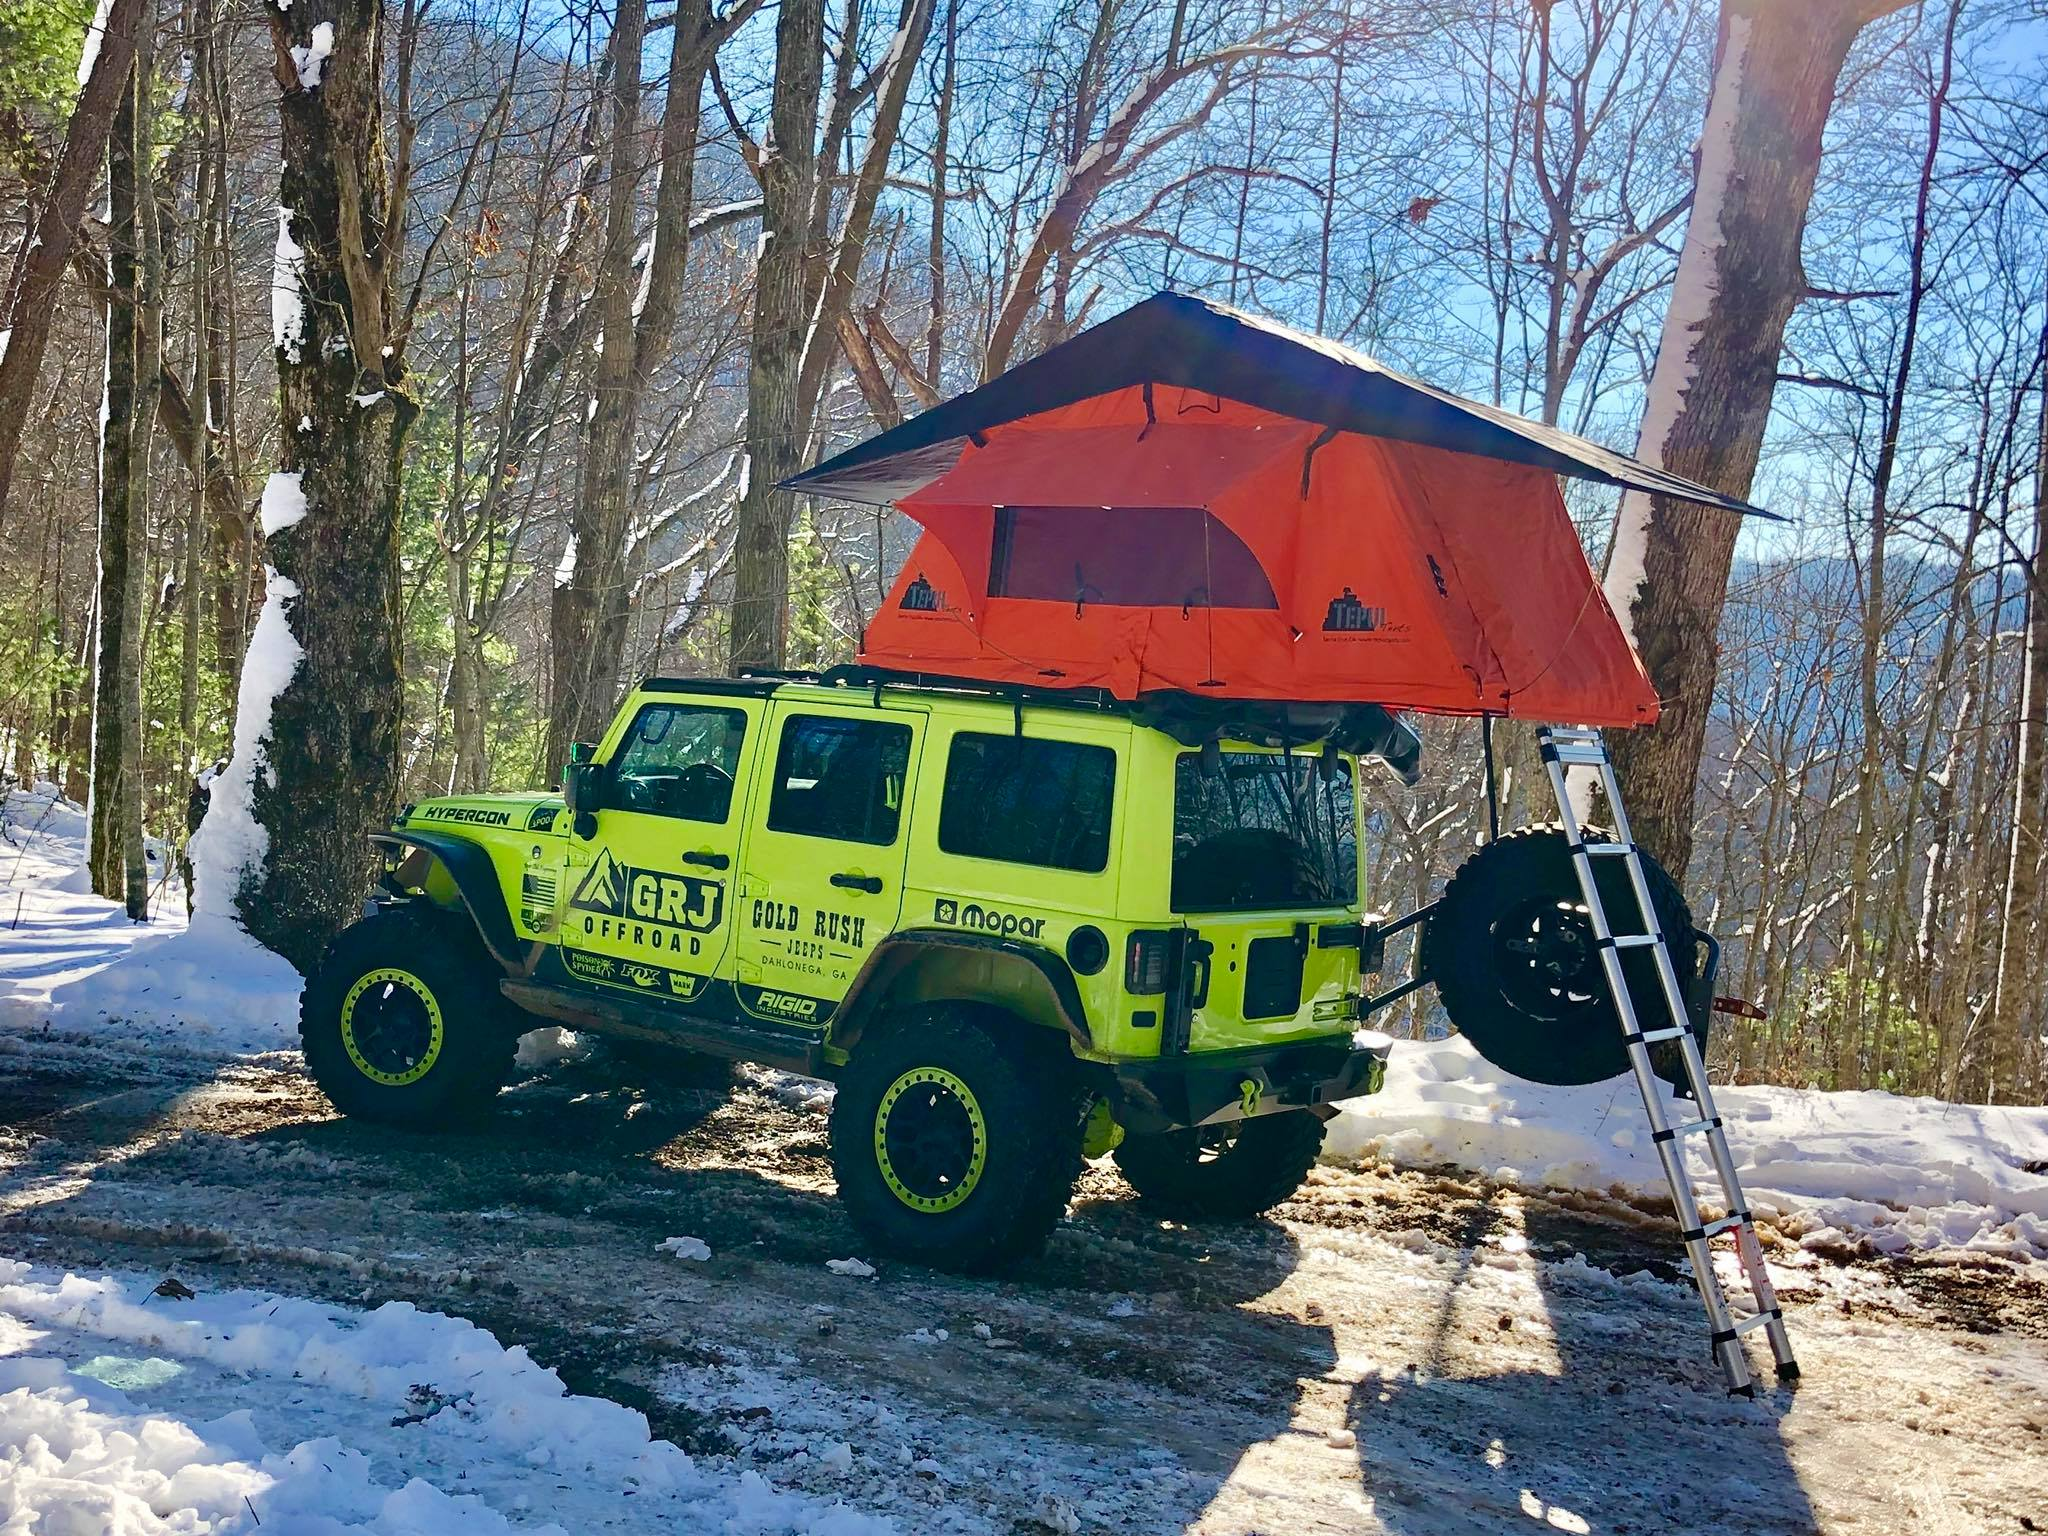 Jeep JK Teraflex Roof Rack u0026 Tepui Roof Top Tent & Jeep JK Teraflex Roof Rack u0026 Tepui Tent Installation u2013 GRJ Offroad